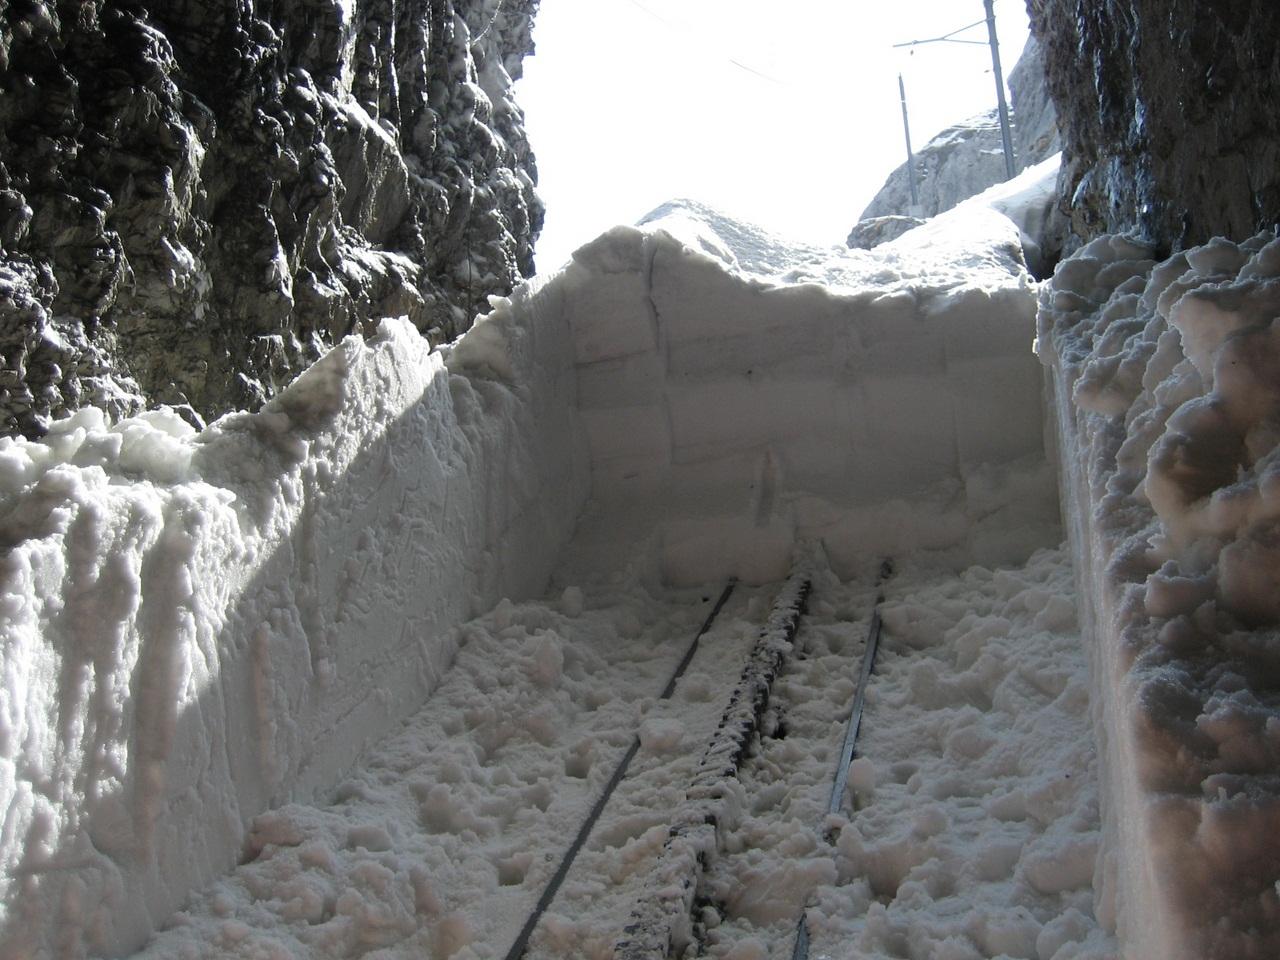 Инфраструктура: поезд состоит из 10 вагончиков. Как улучшить впечатления: выйти на одной из промежут